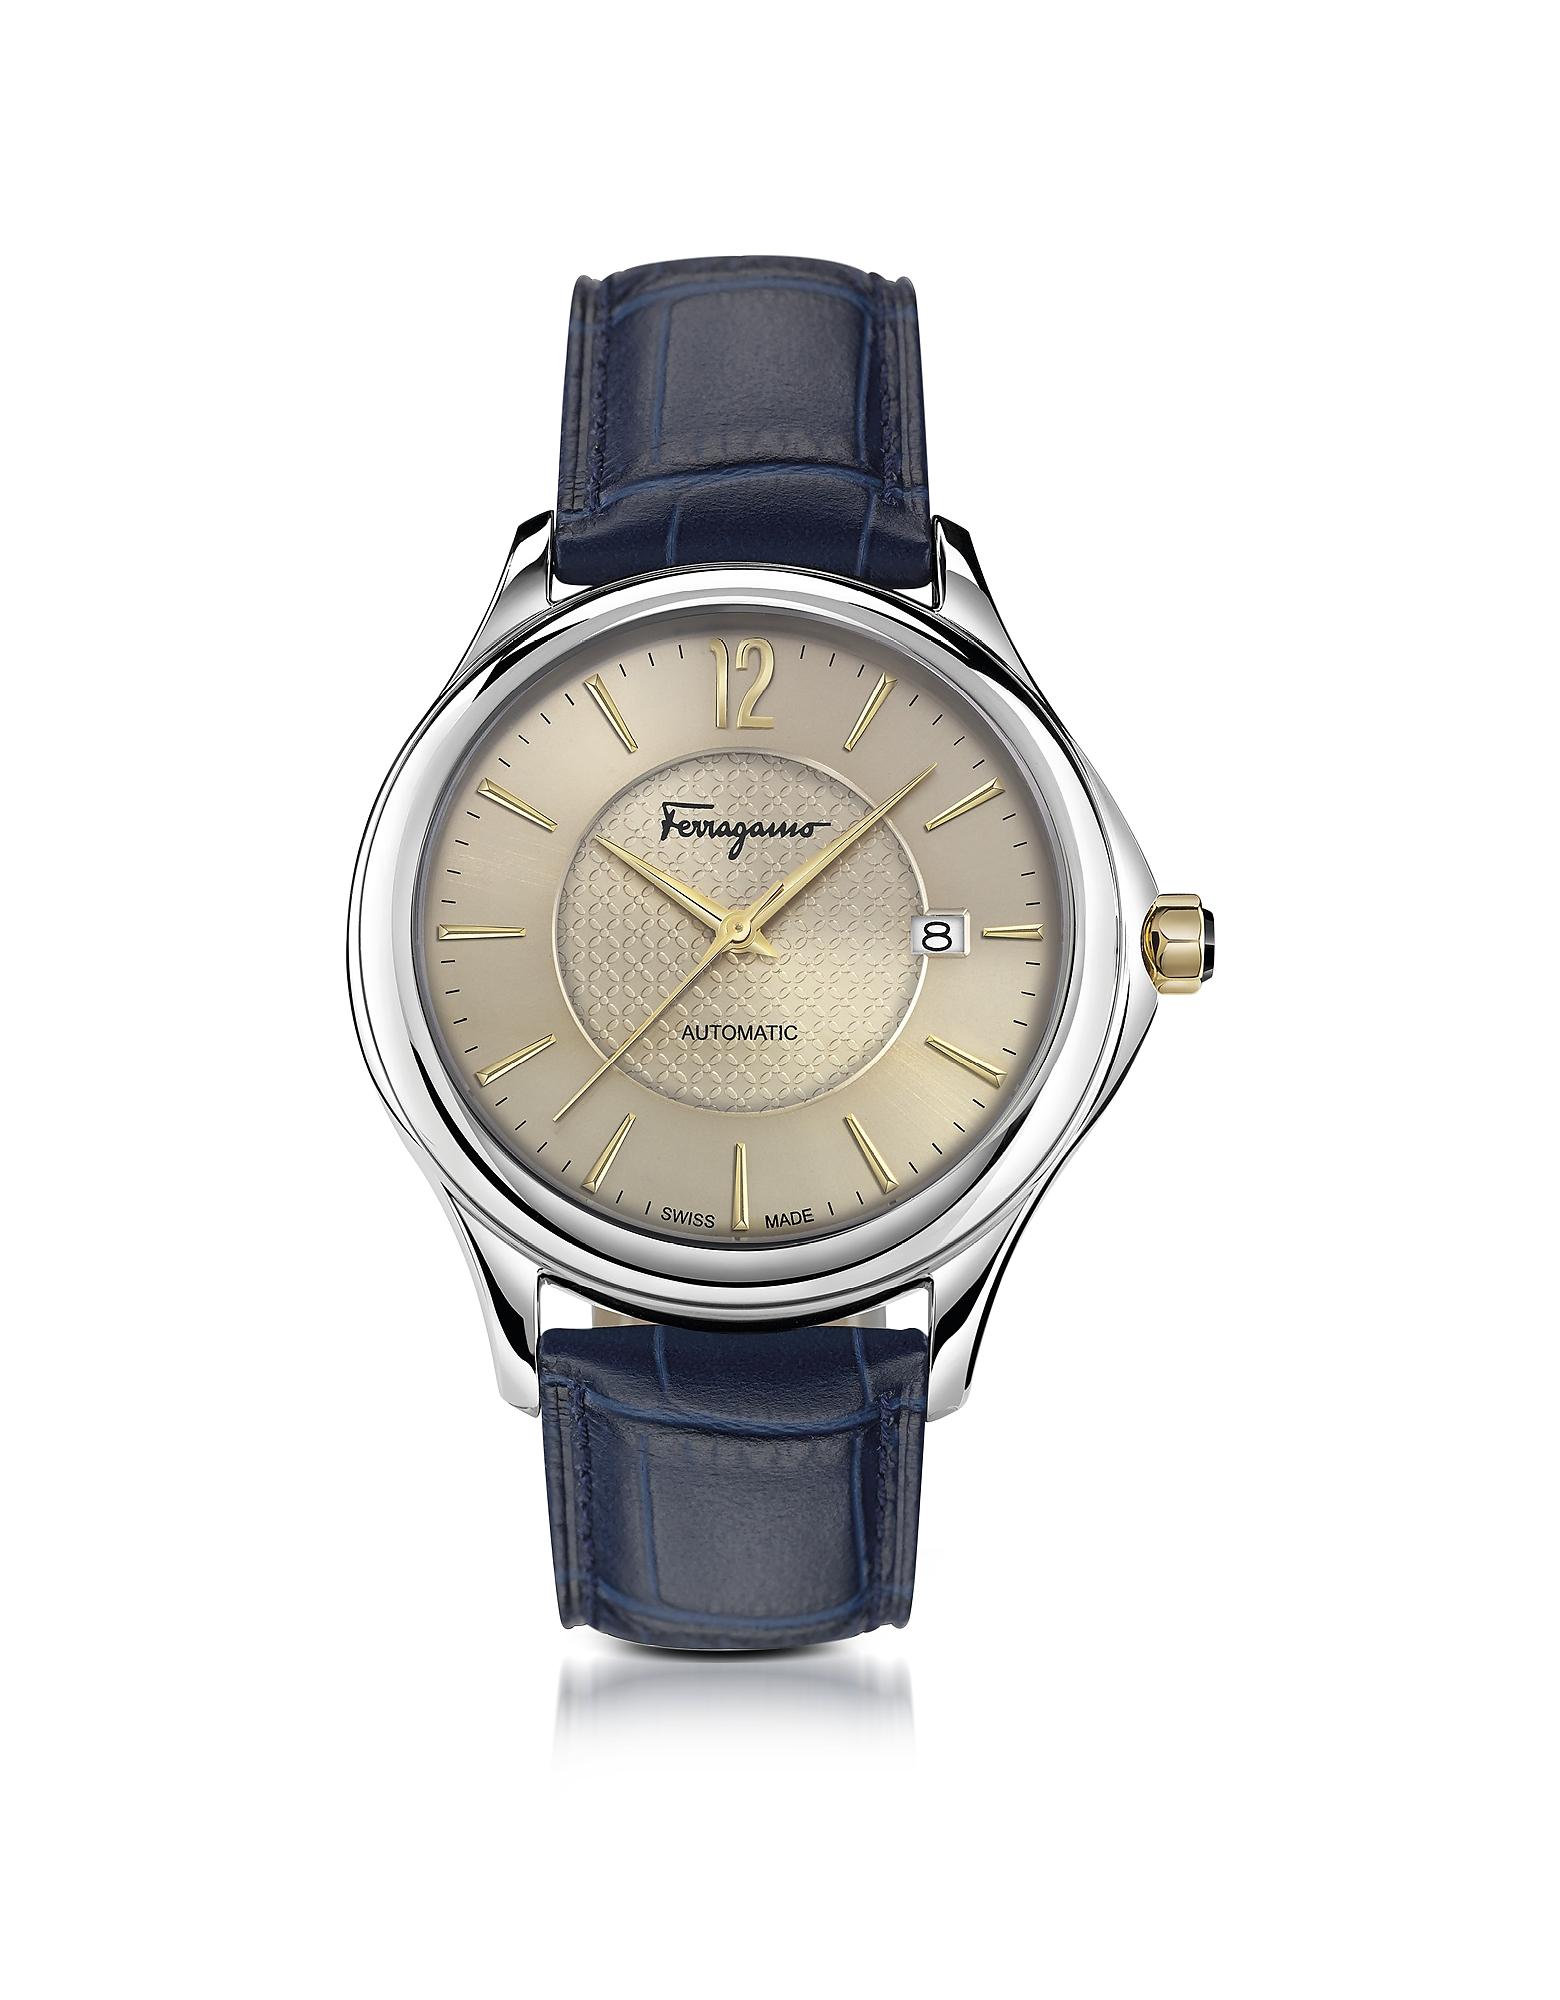 Фото Ferragamo Time - Серебристые Автоматические Мужские Часы на Синем Ремешке из Кожи под Крокодиловую. Купить с доставкой